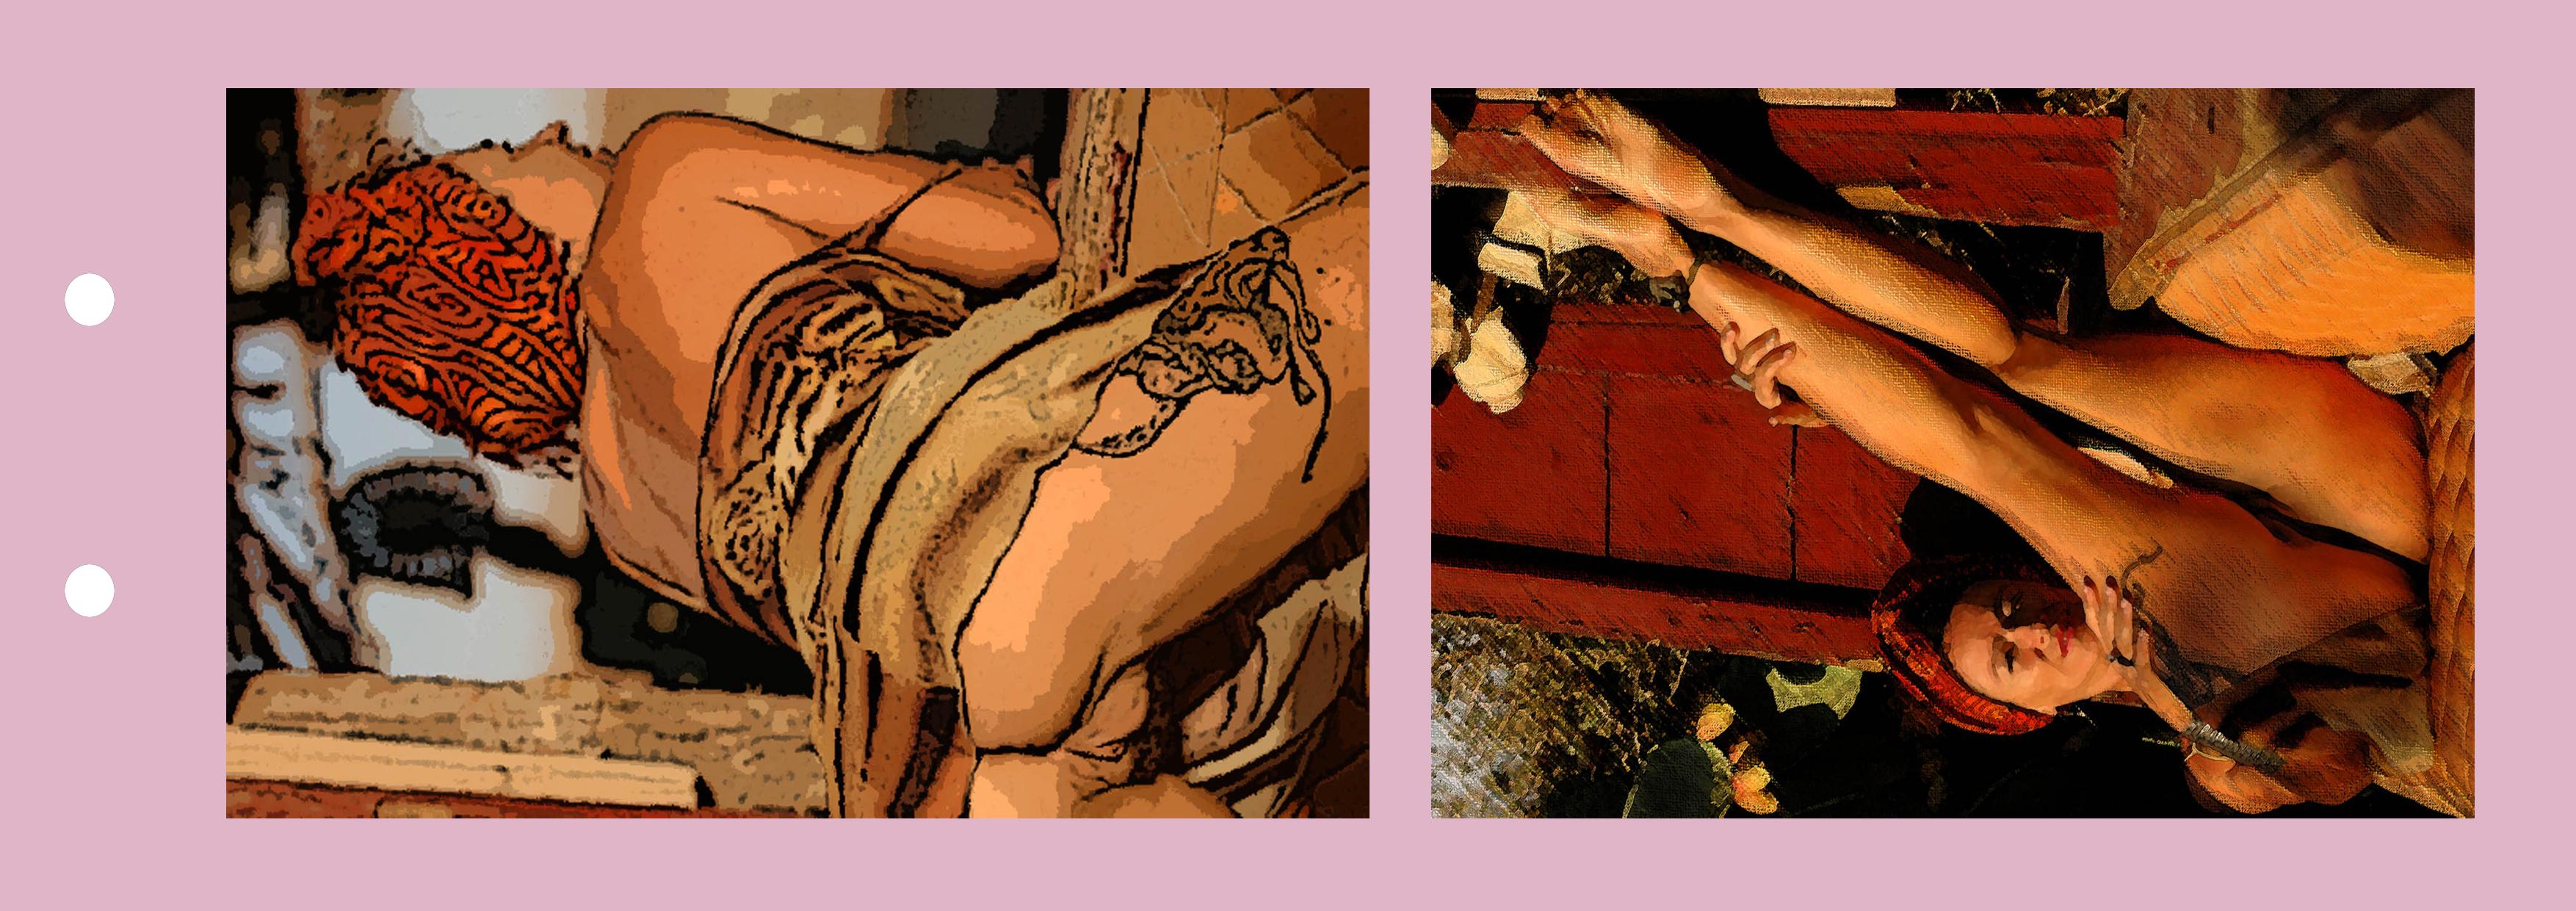 7-catalogo-ANTONIA+PEÑA-3-TIGRE.jpg